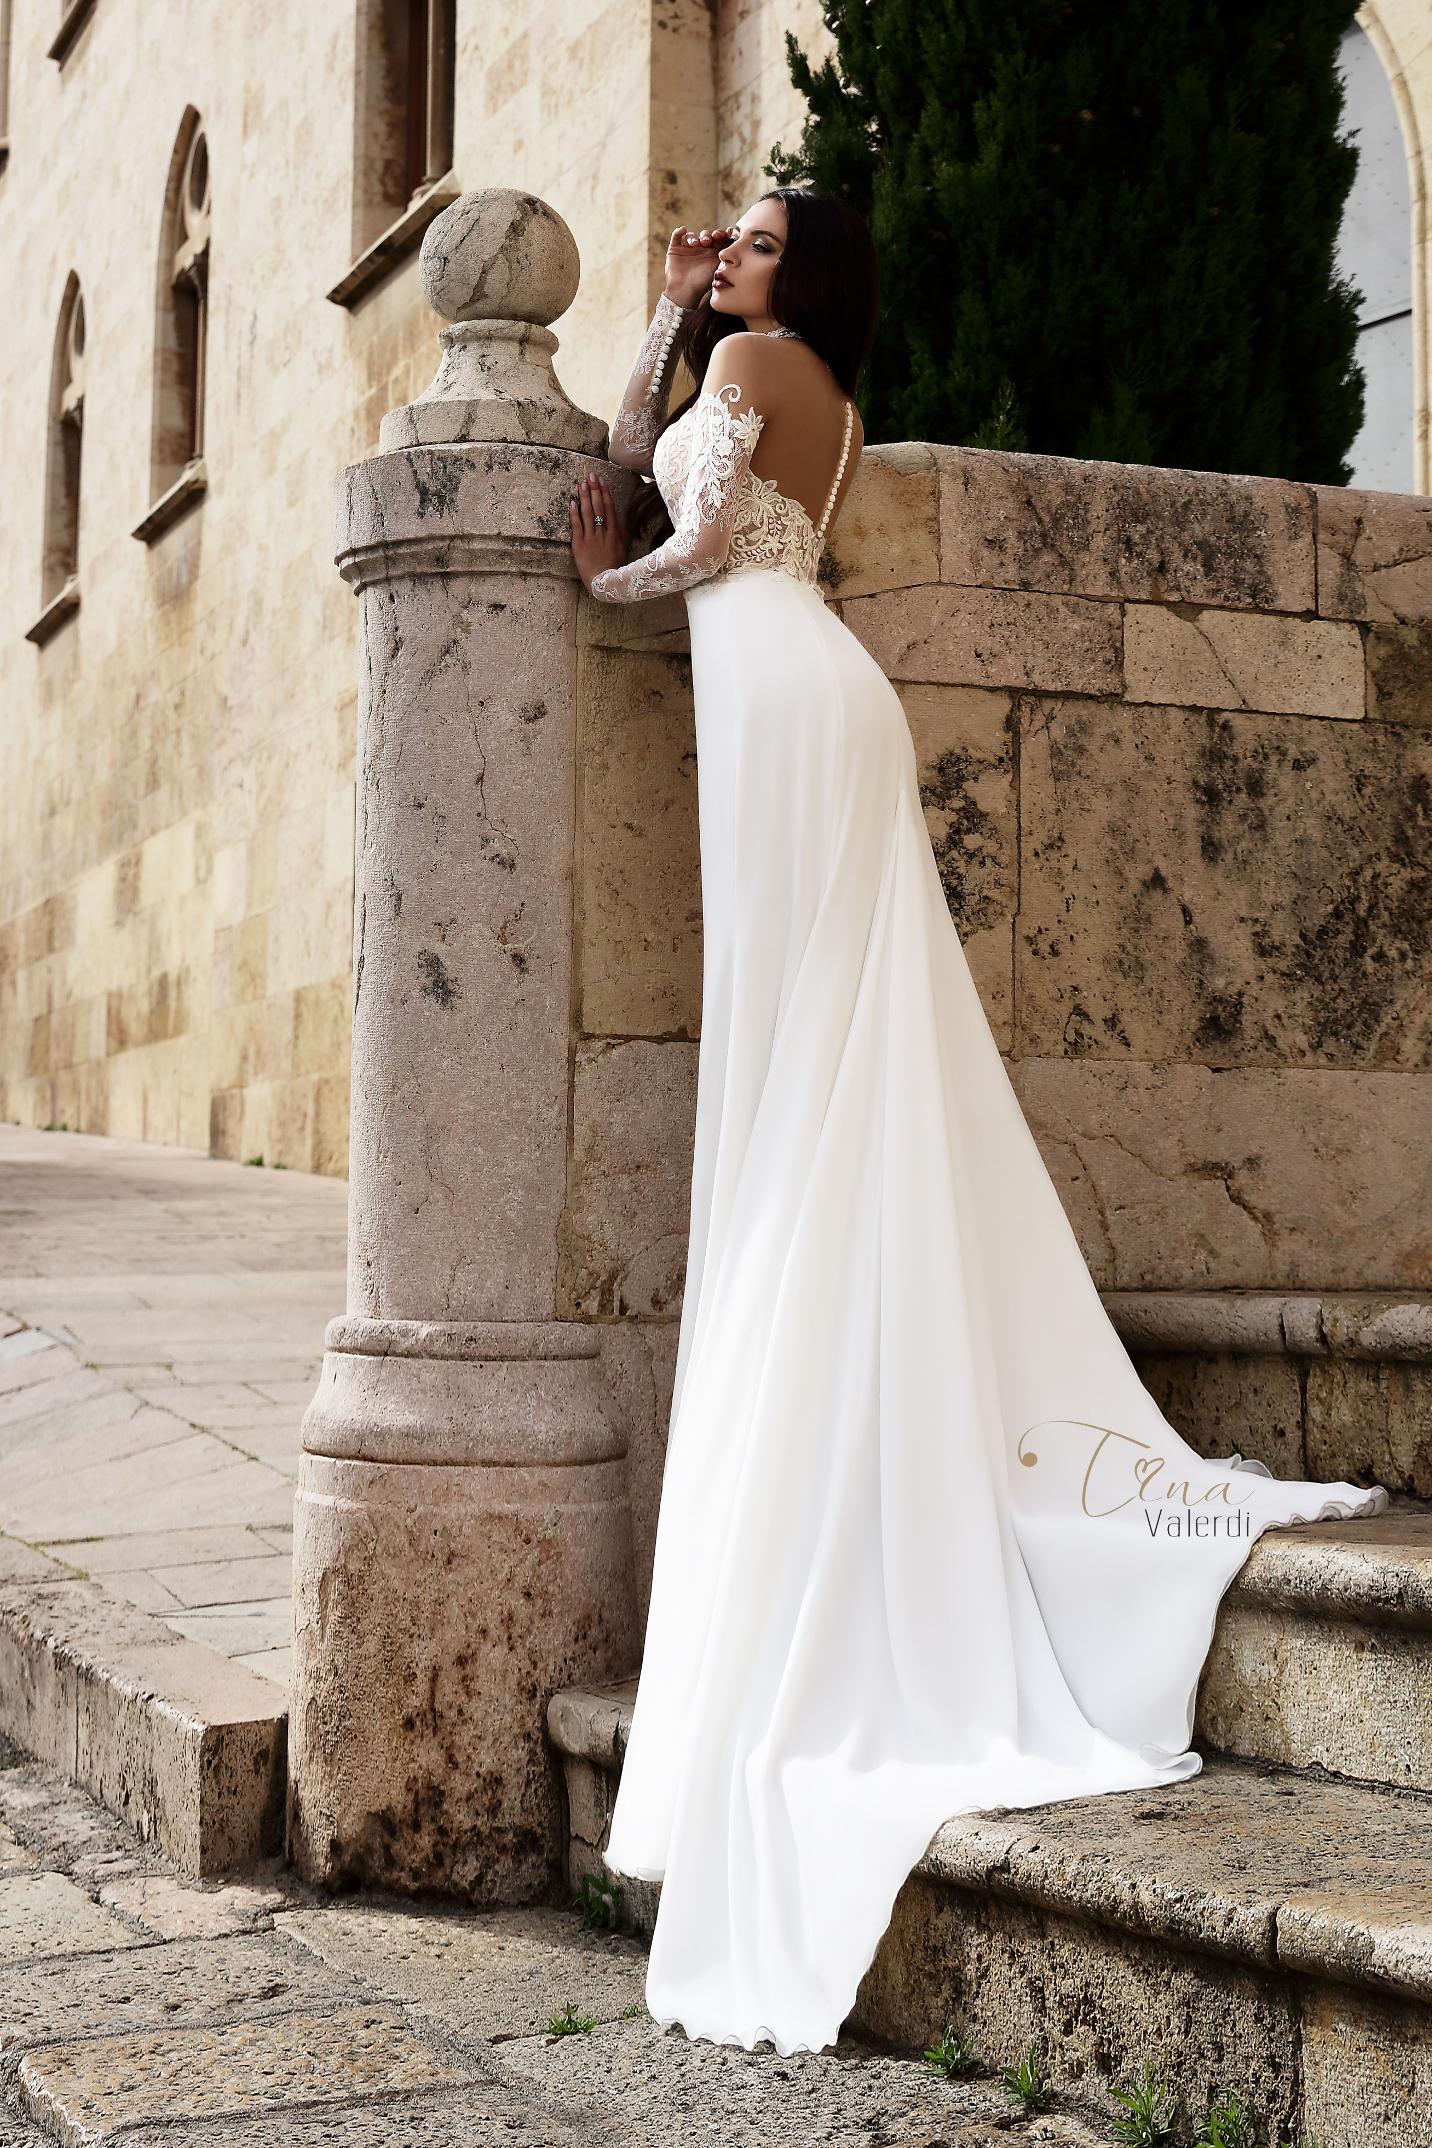 vestuvines-sukneles-tina-valerdi-Virginia1